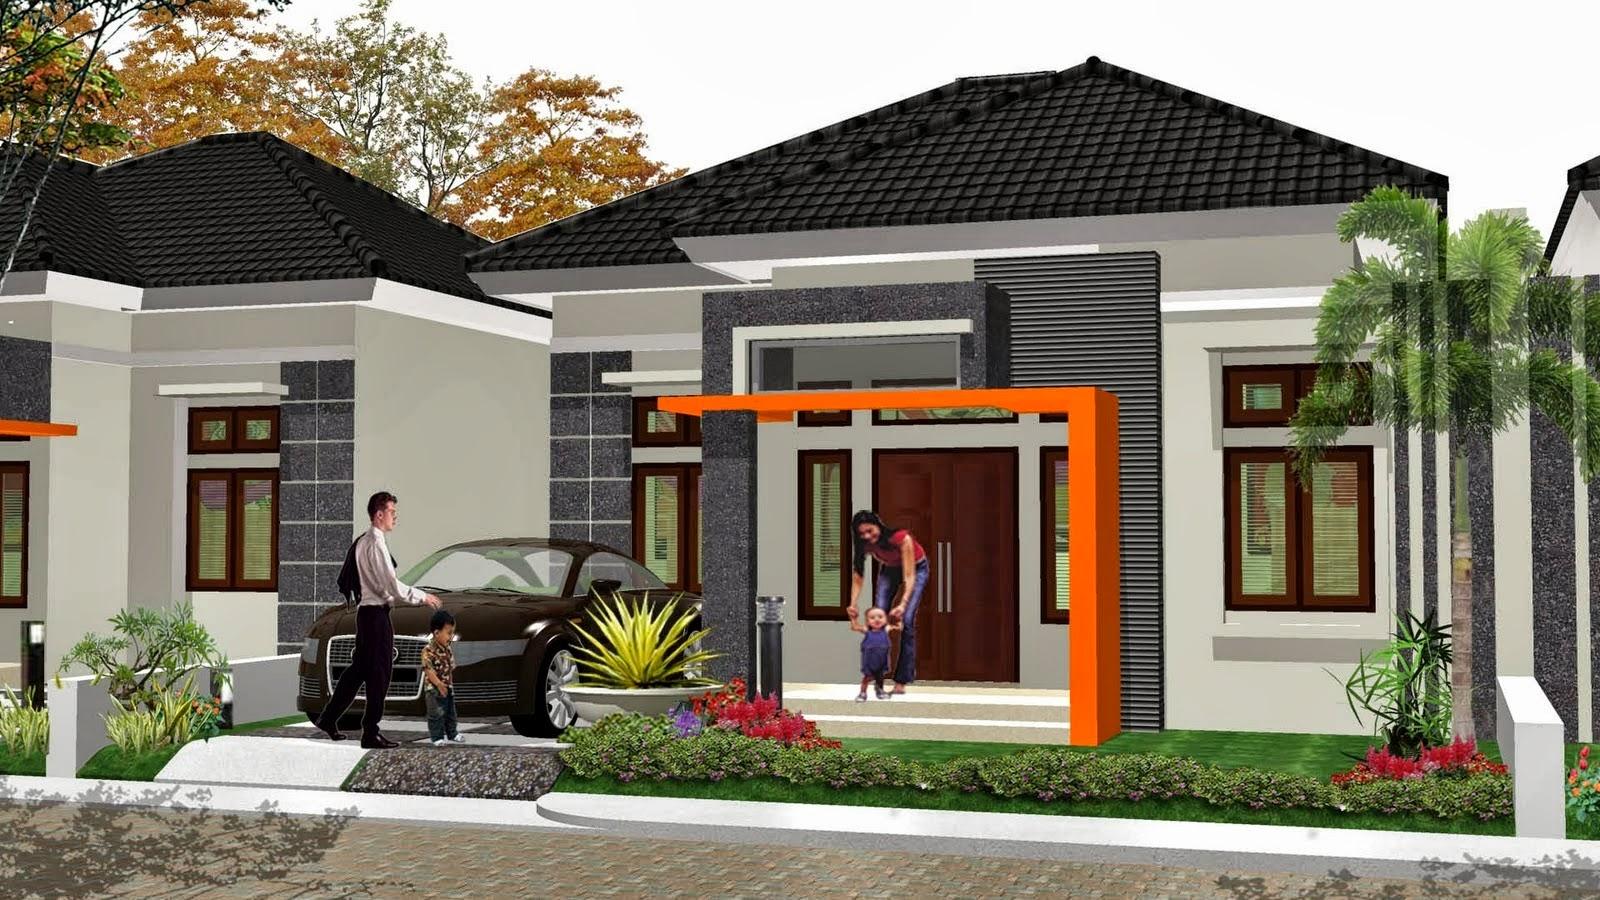 Gambar Rumah Sederhana 2018 - Model Rumah Minimalis Desain ...